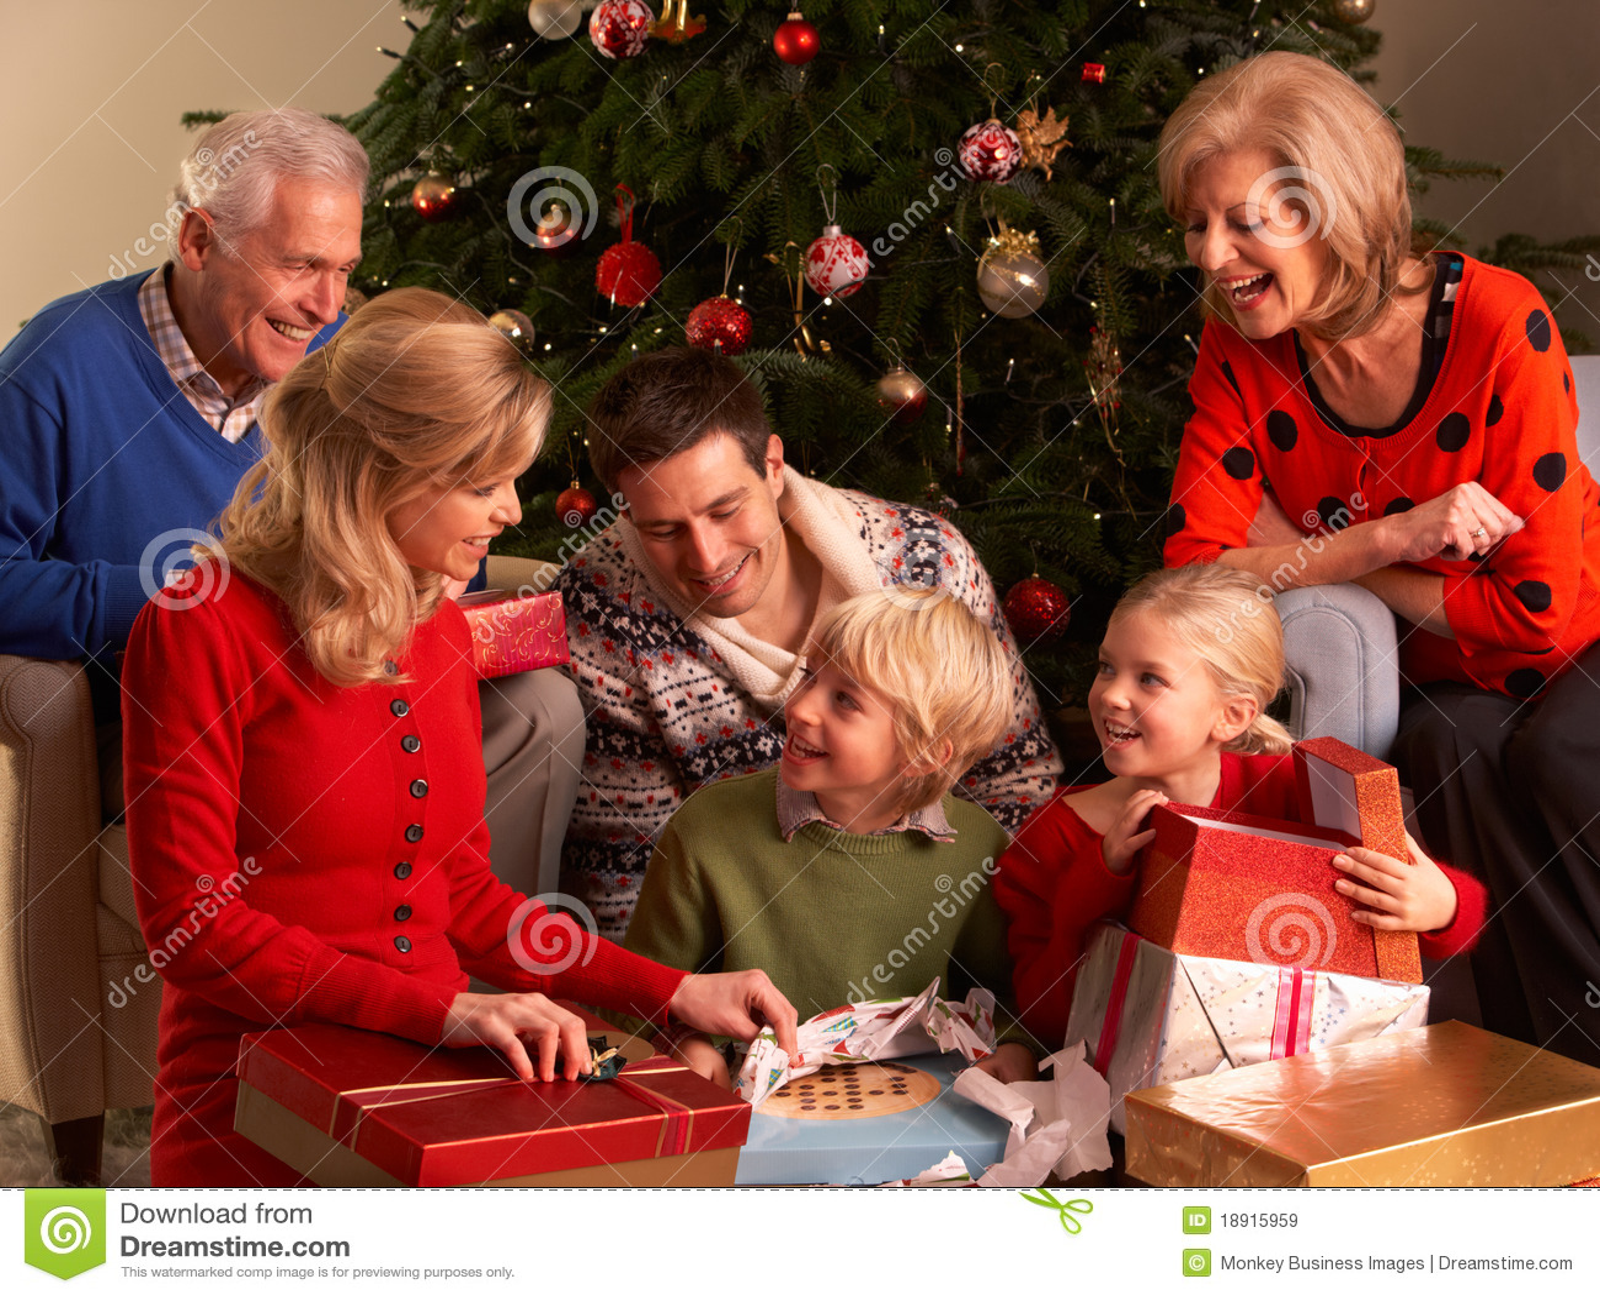 Новогодний подарок для мамы и папы